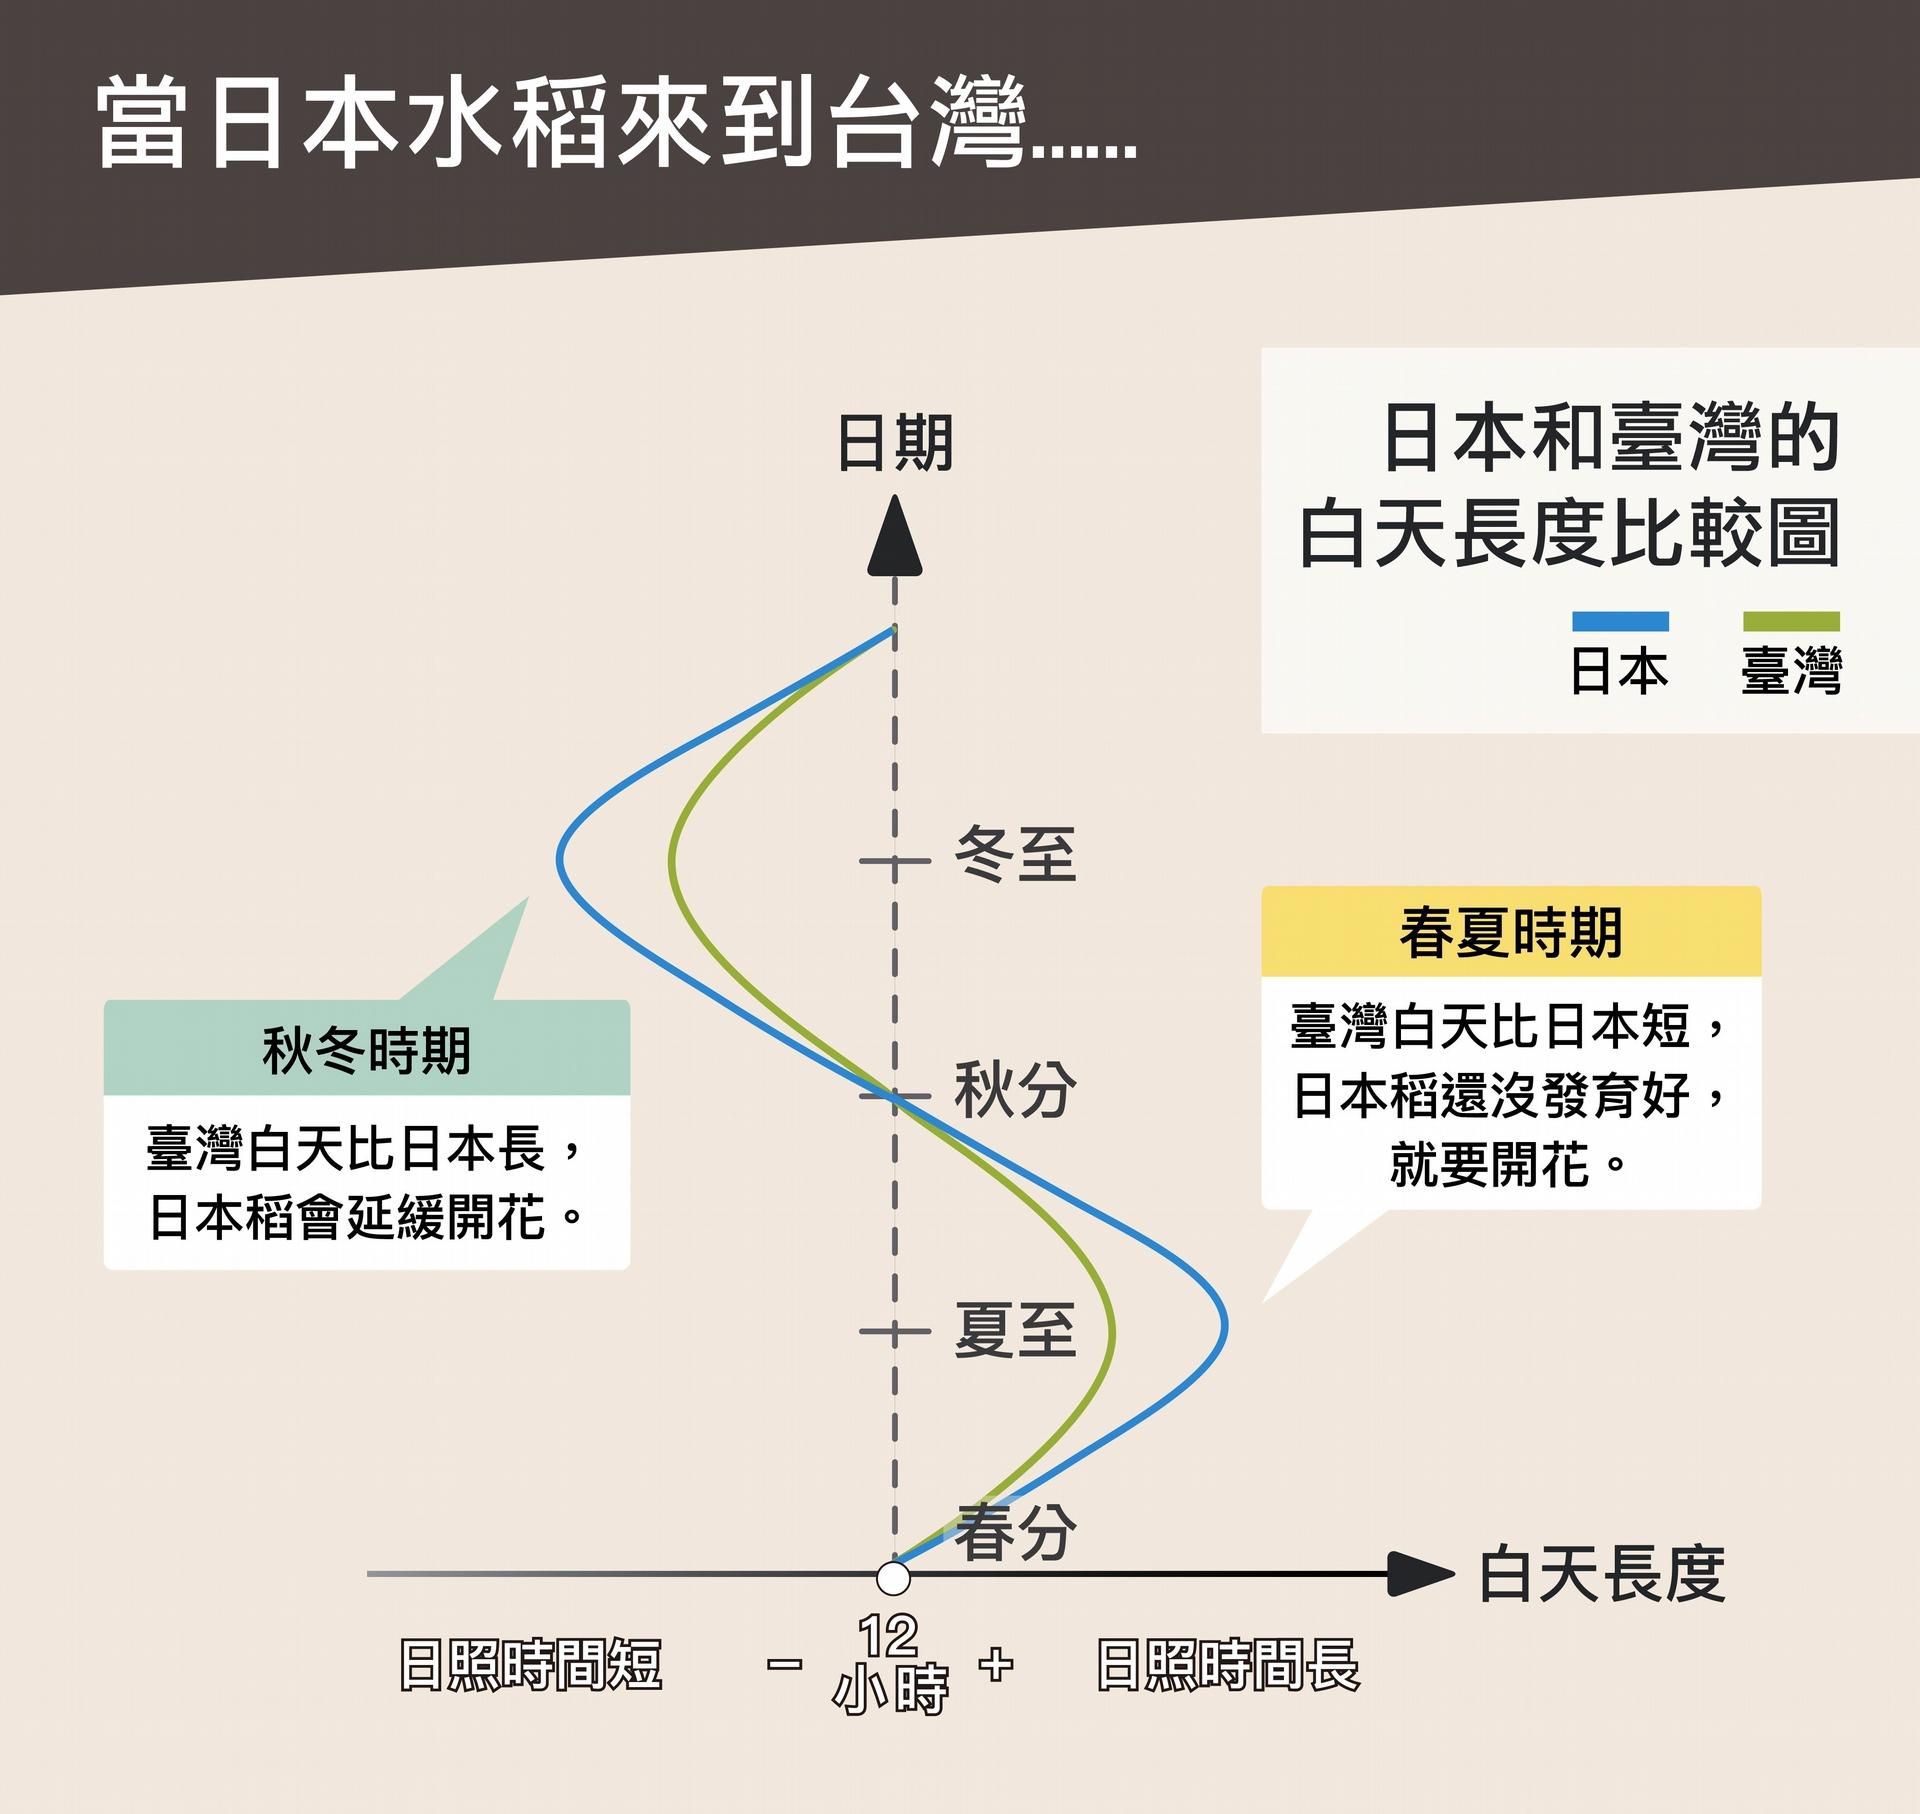 日本來的水稻在緯度較低的臺灣種植,春、夏稻子尚未發育完全就提早抽穗,秋、冬又會延遲抽穗,一年只有一穫,品質也不好。 圖說設計│黃曉君、林洵安